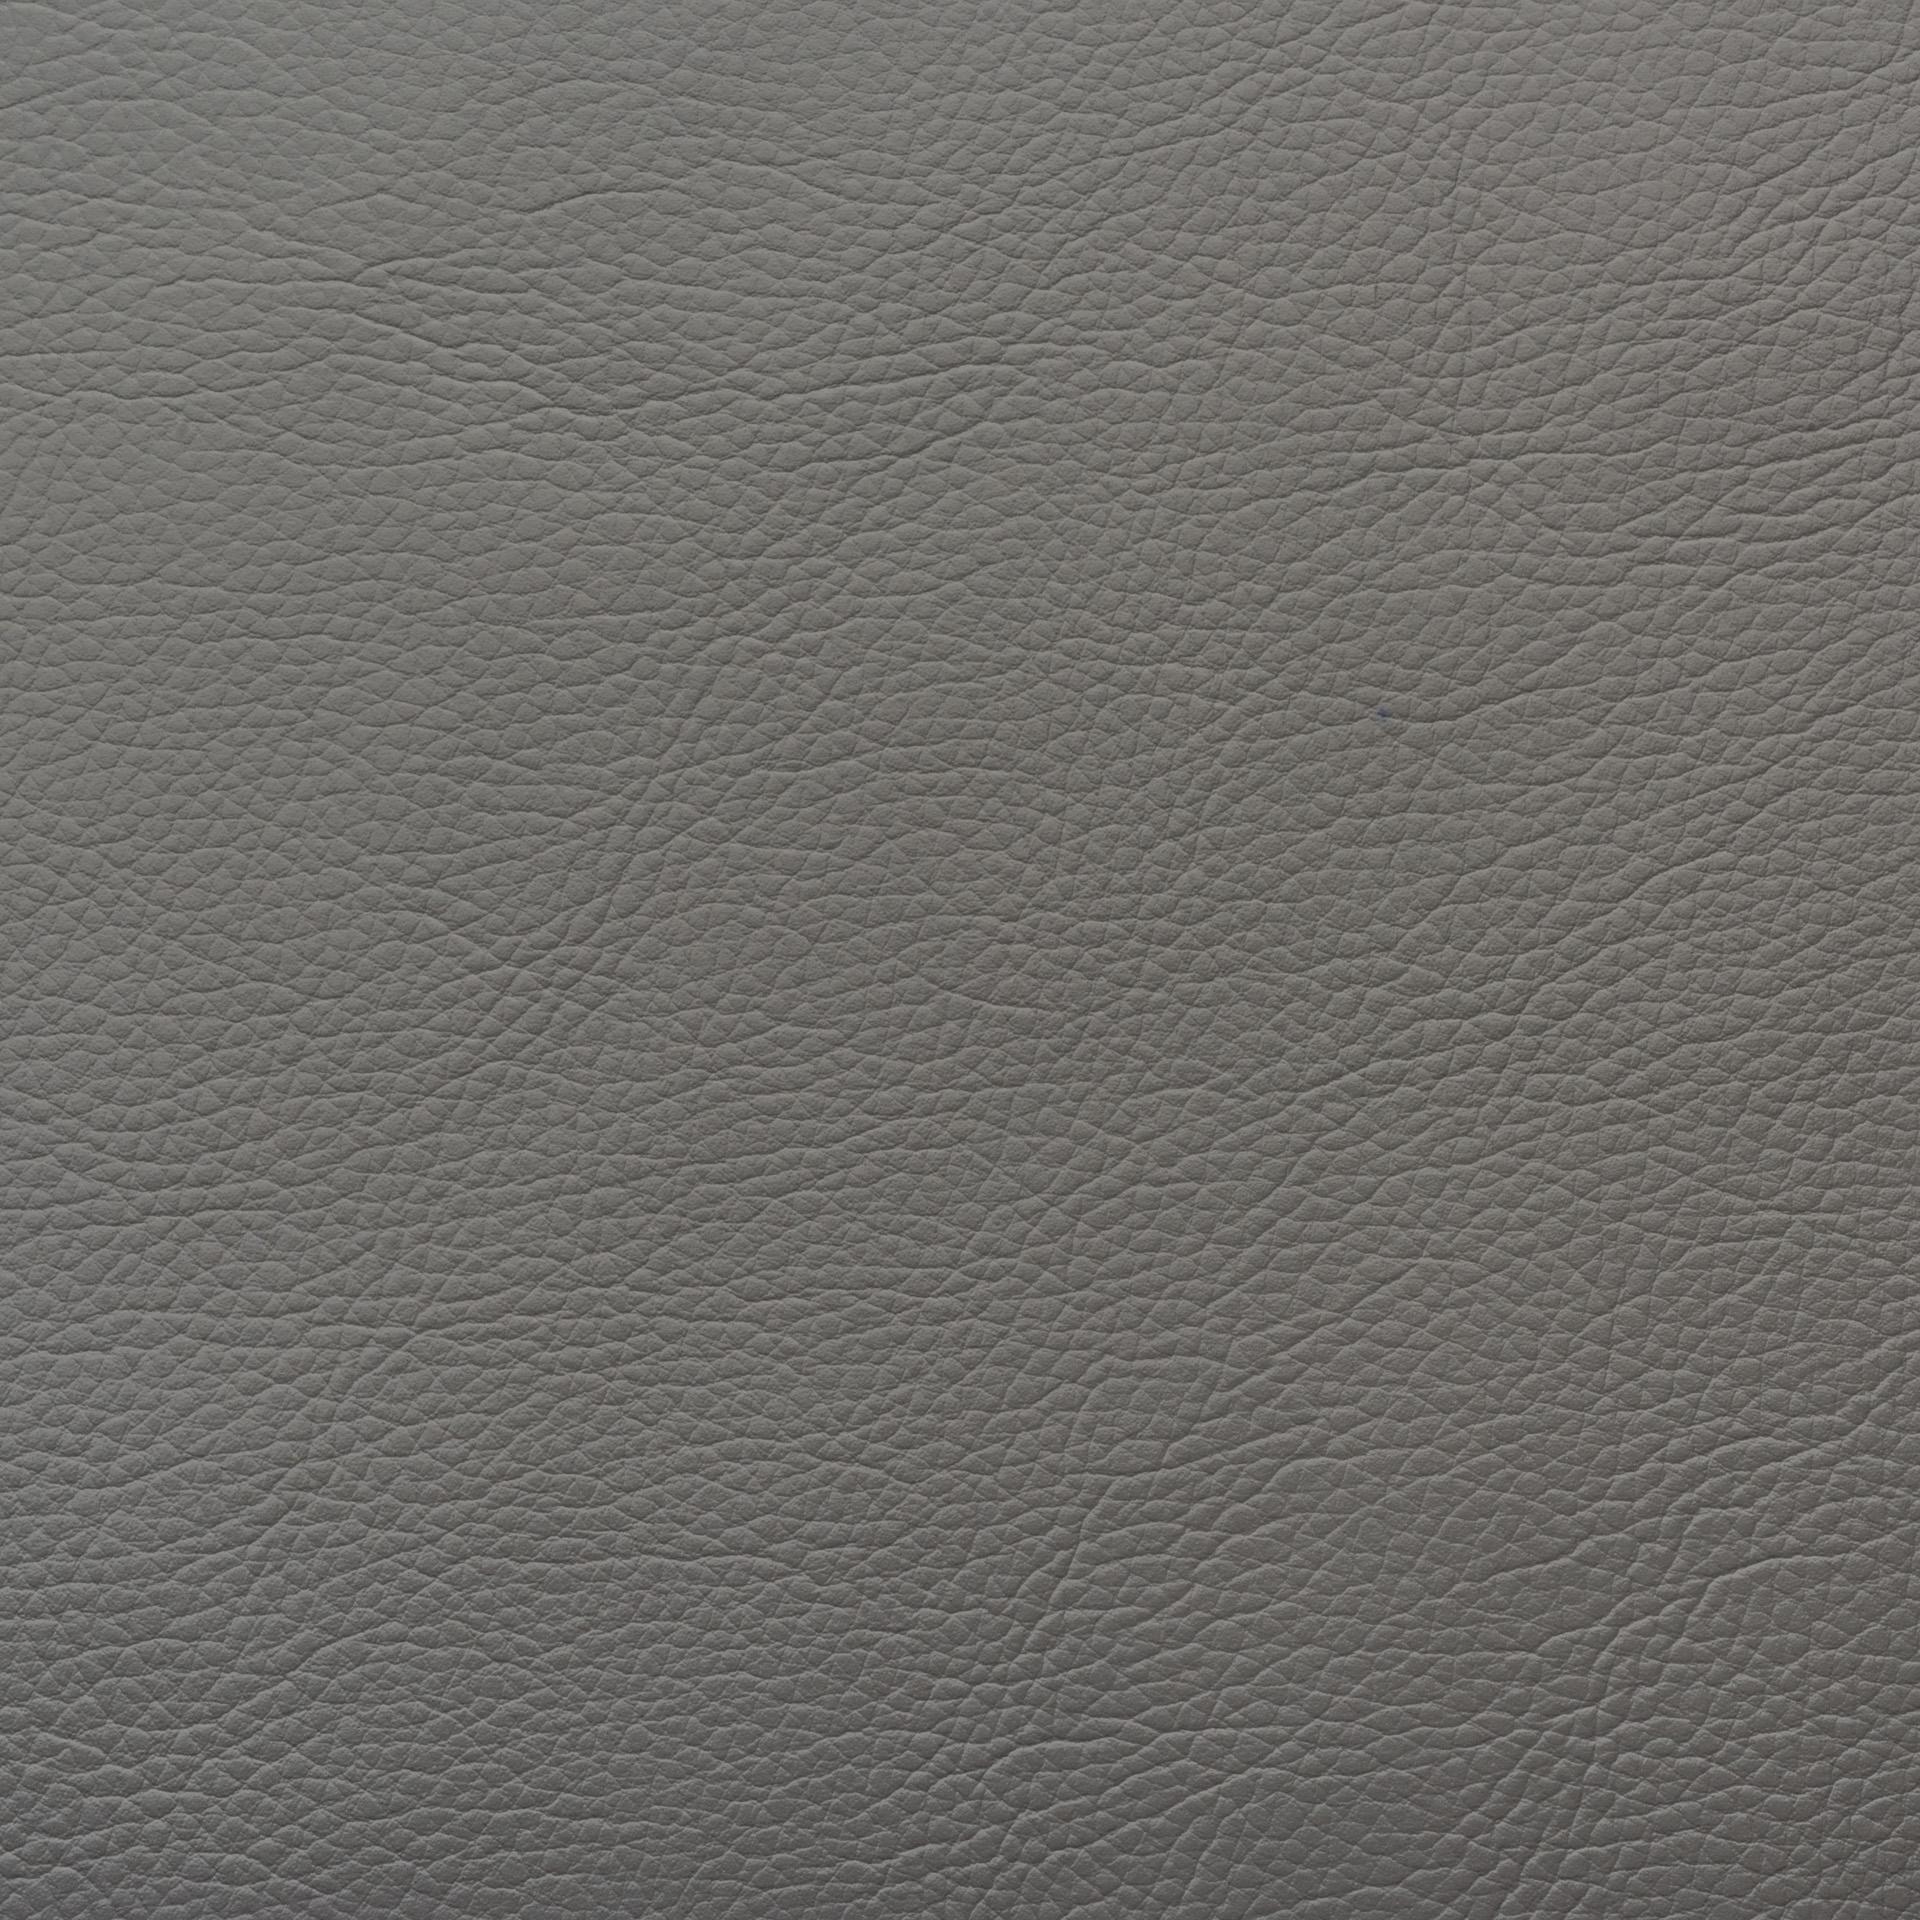 Коллекция ткани Леонардо Каппеллини 10 SMOKY CLOUDS,  купить ткань Кож зам для мебели Украина